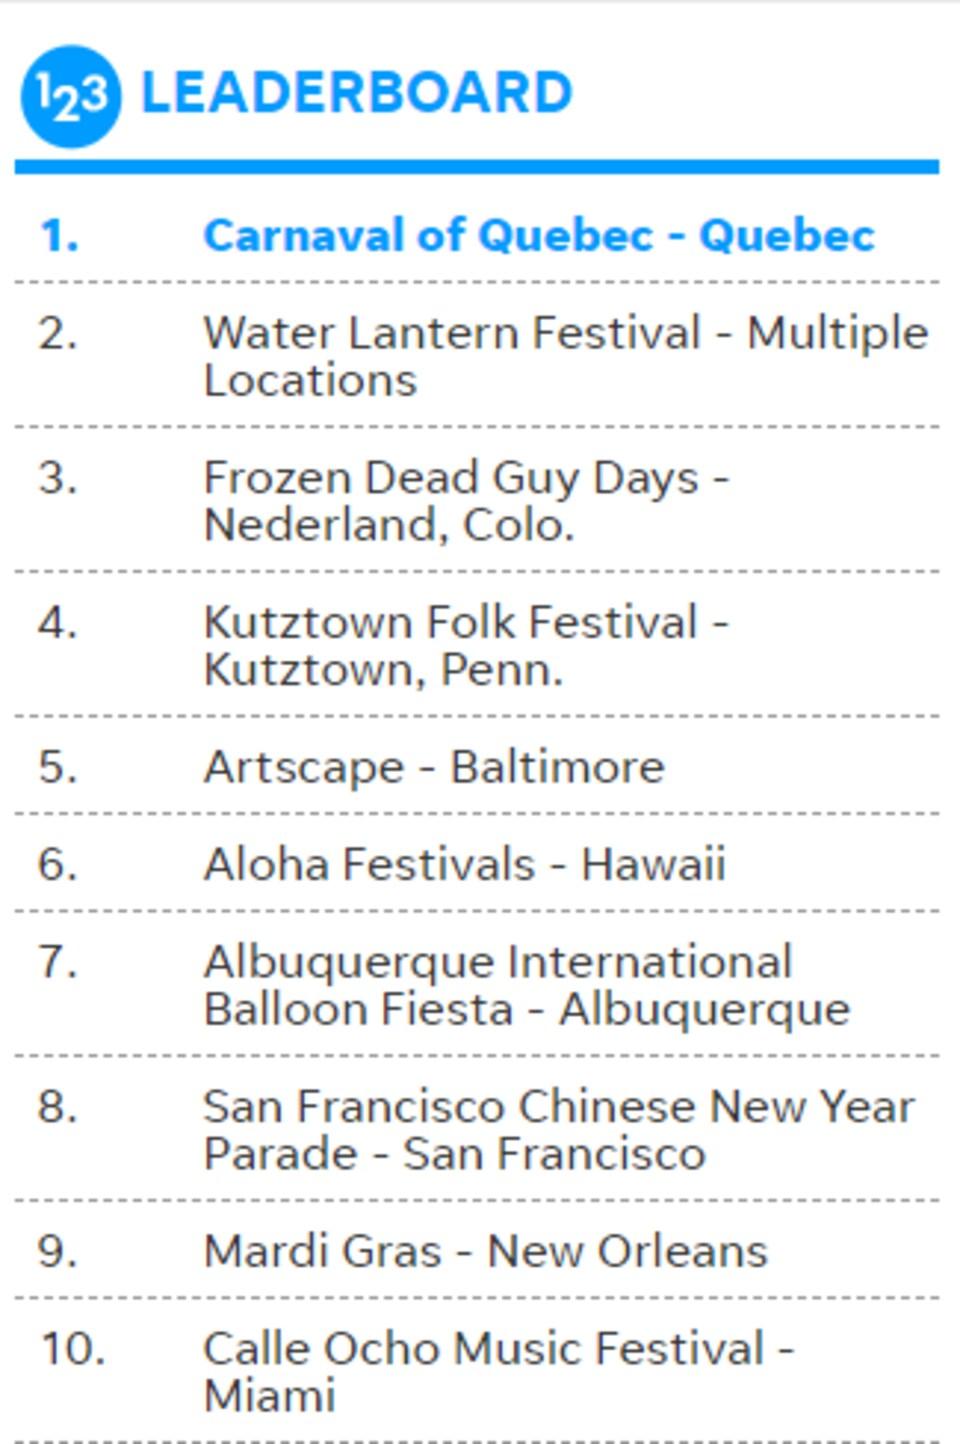 Une liste captée sur le site du concours montre que le Carnaval de Québec est en première position.